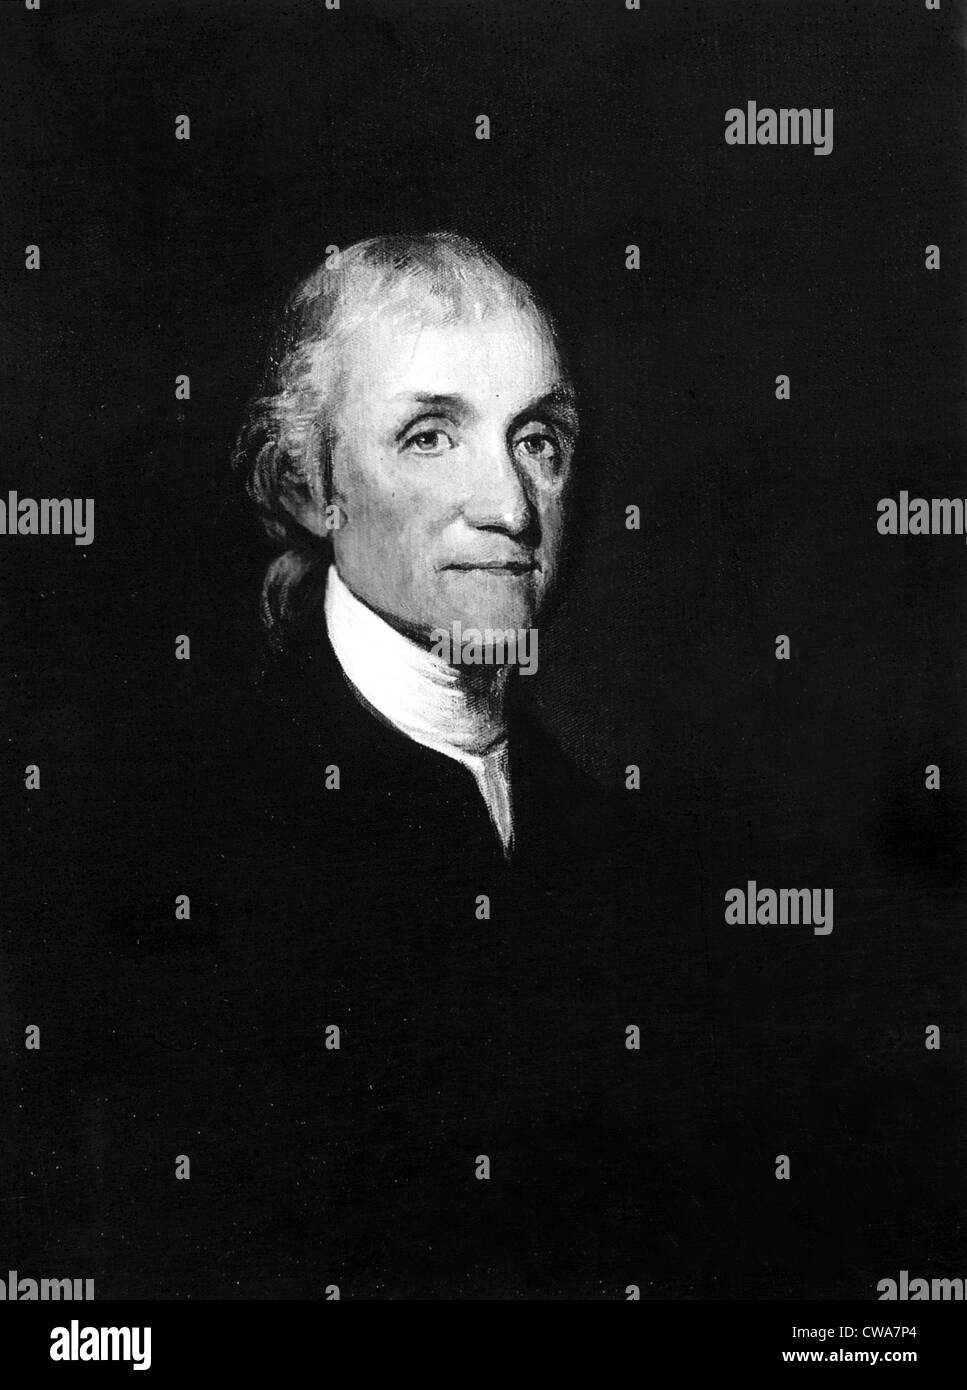 JOSEPH sacerdotale, XVIII secolo ecclesiastico che si distinse per la scoperta di ossigeno. La cortesia: CSU Archivi Immagini Stock